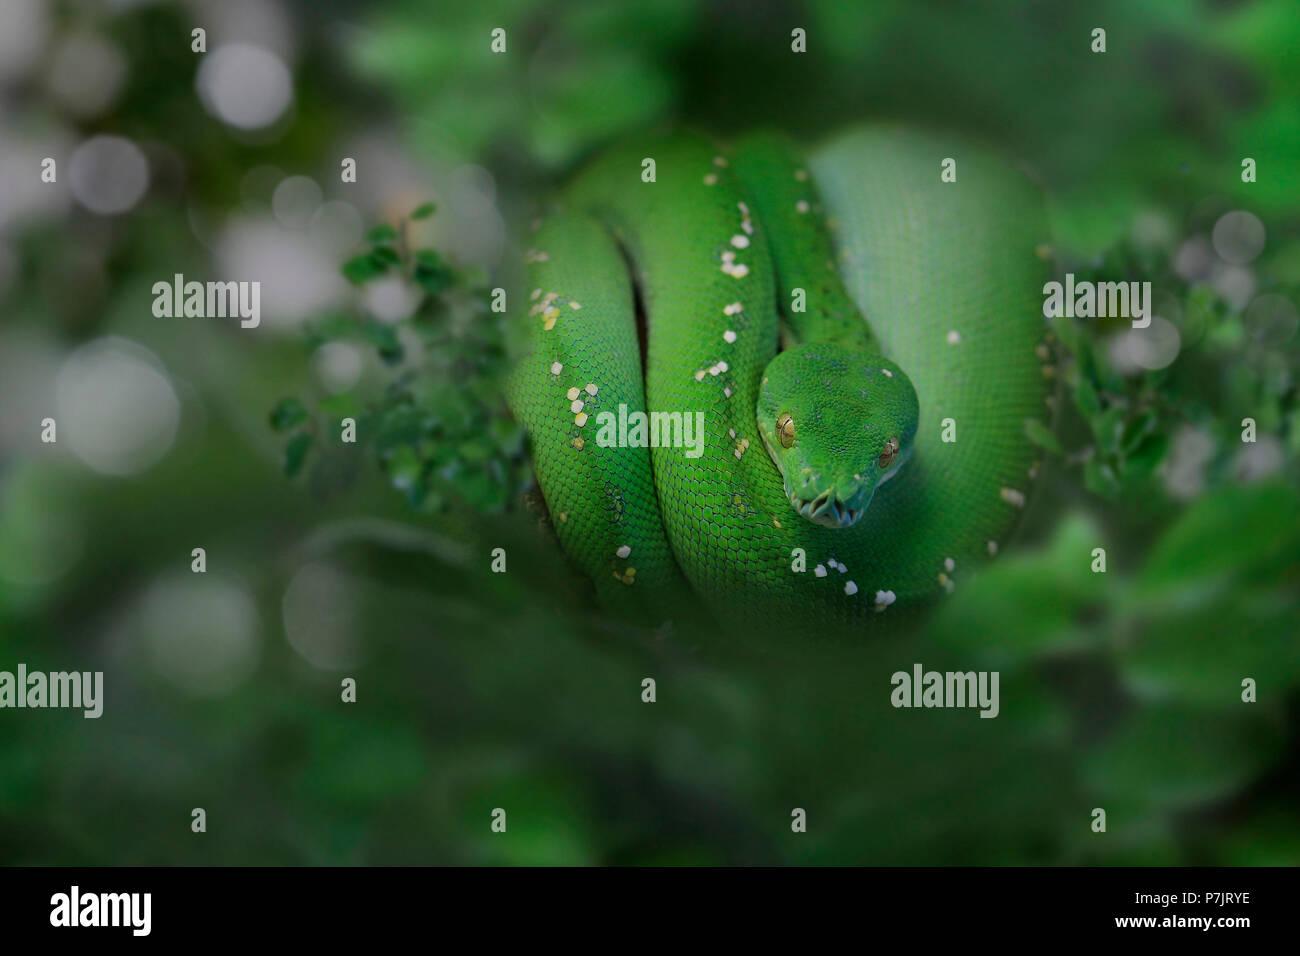 Green Tree Boa Stock Photos & Green Tree Boa Stock Images - Alamy